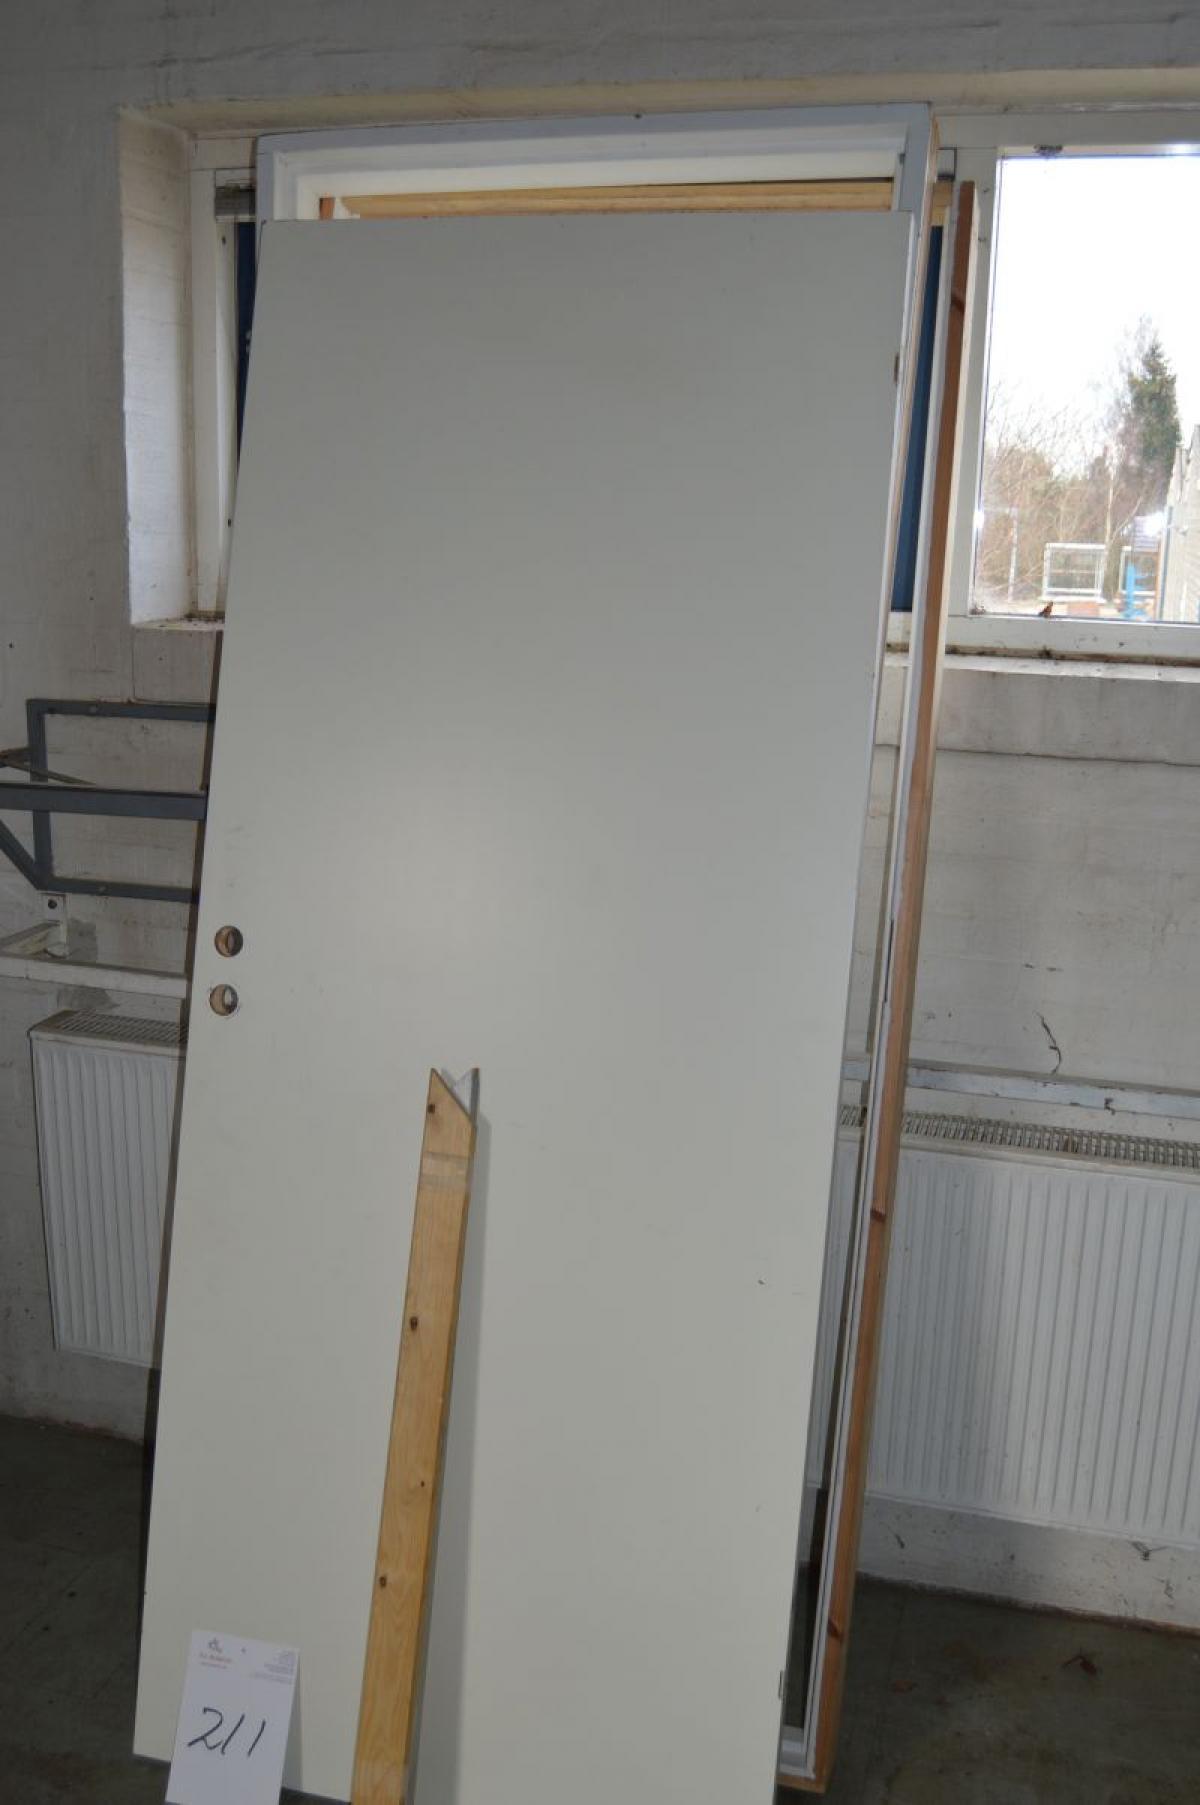 Innentürrahmen + +Schiebetür mit Rollen - KJ Auktion - Maschinen ...